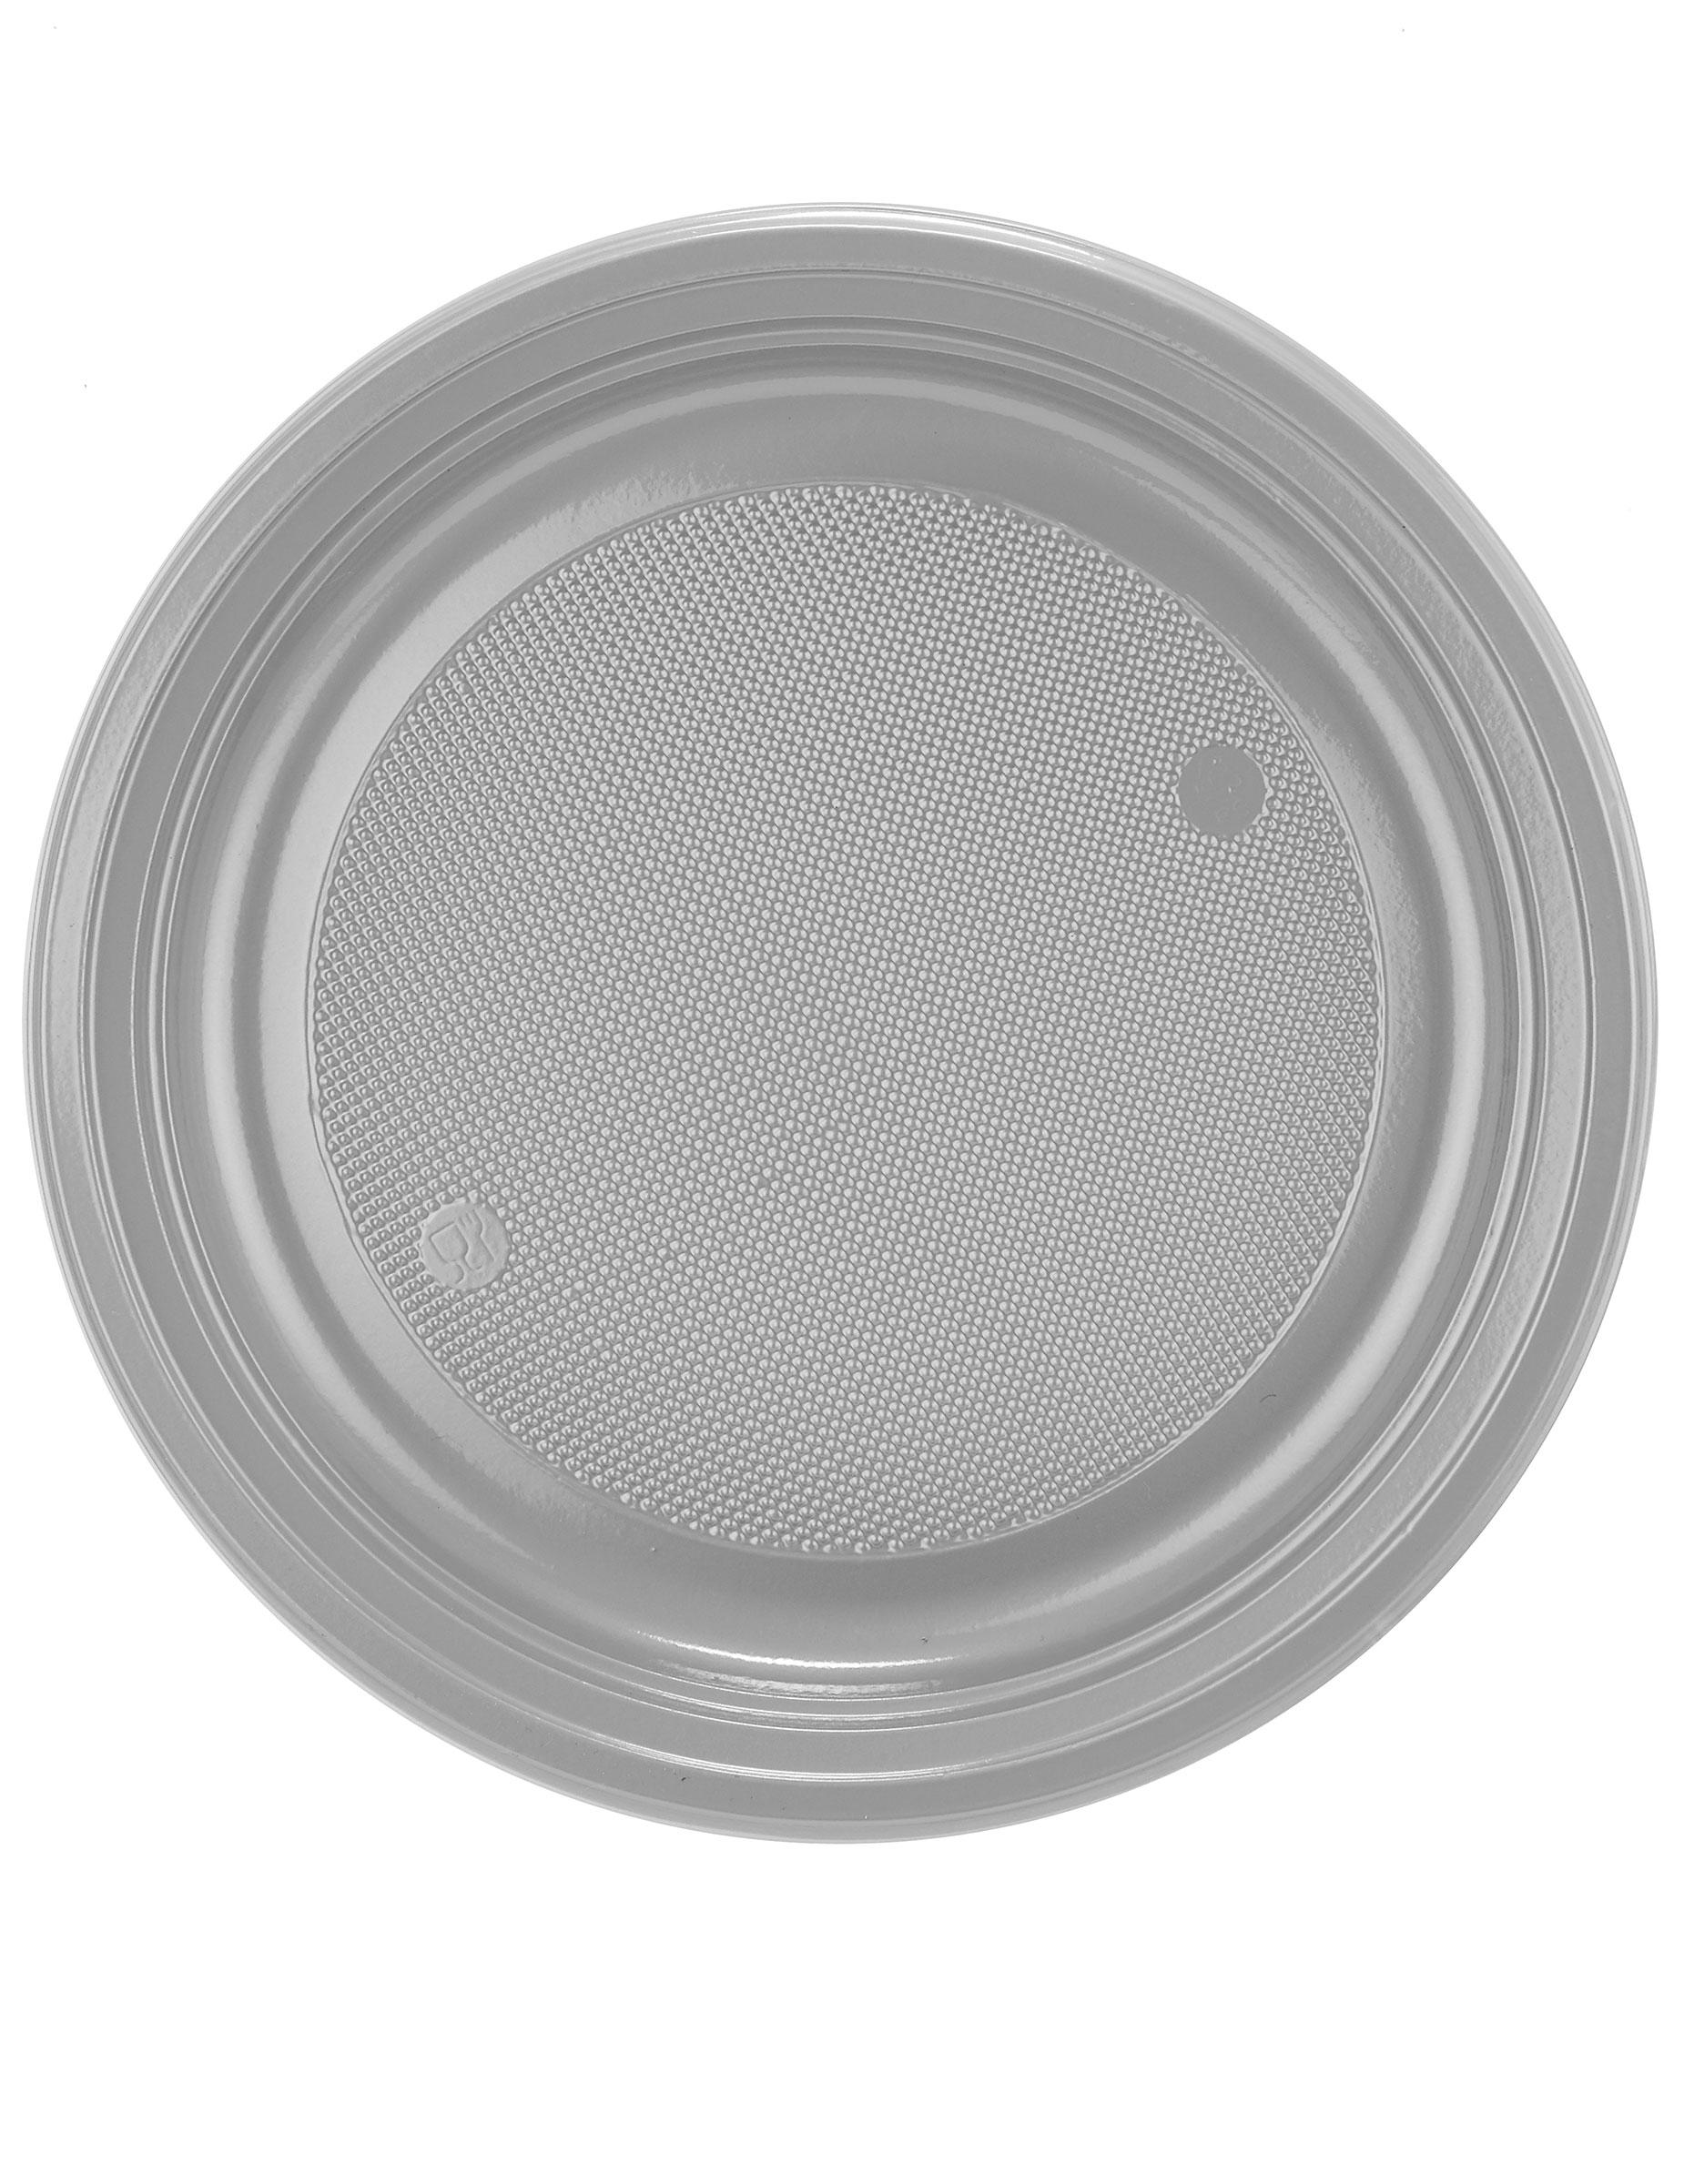 30 assiettes en plastique gris argent 22 cm d coration anniversaire et f tes th me sur. Black Bedroom Furniture Sets. Home Design Ideas